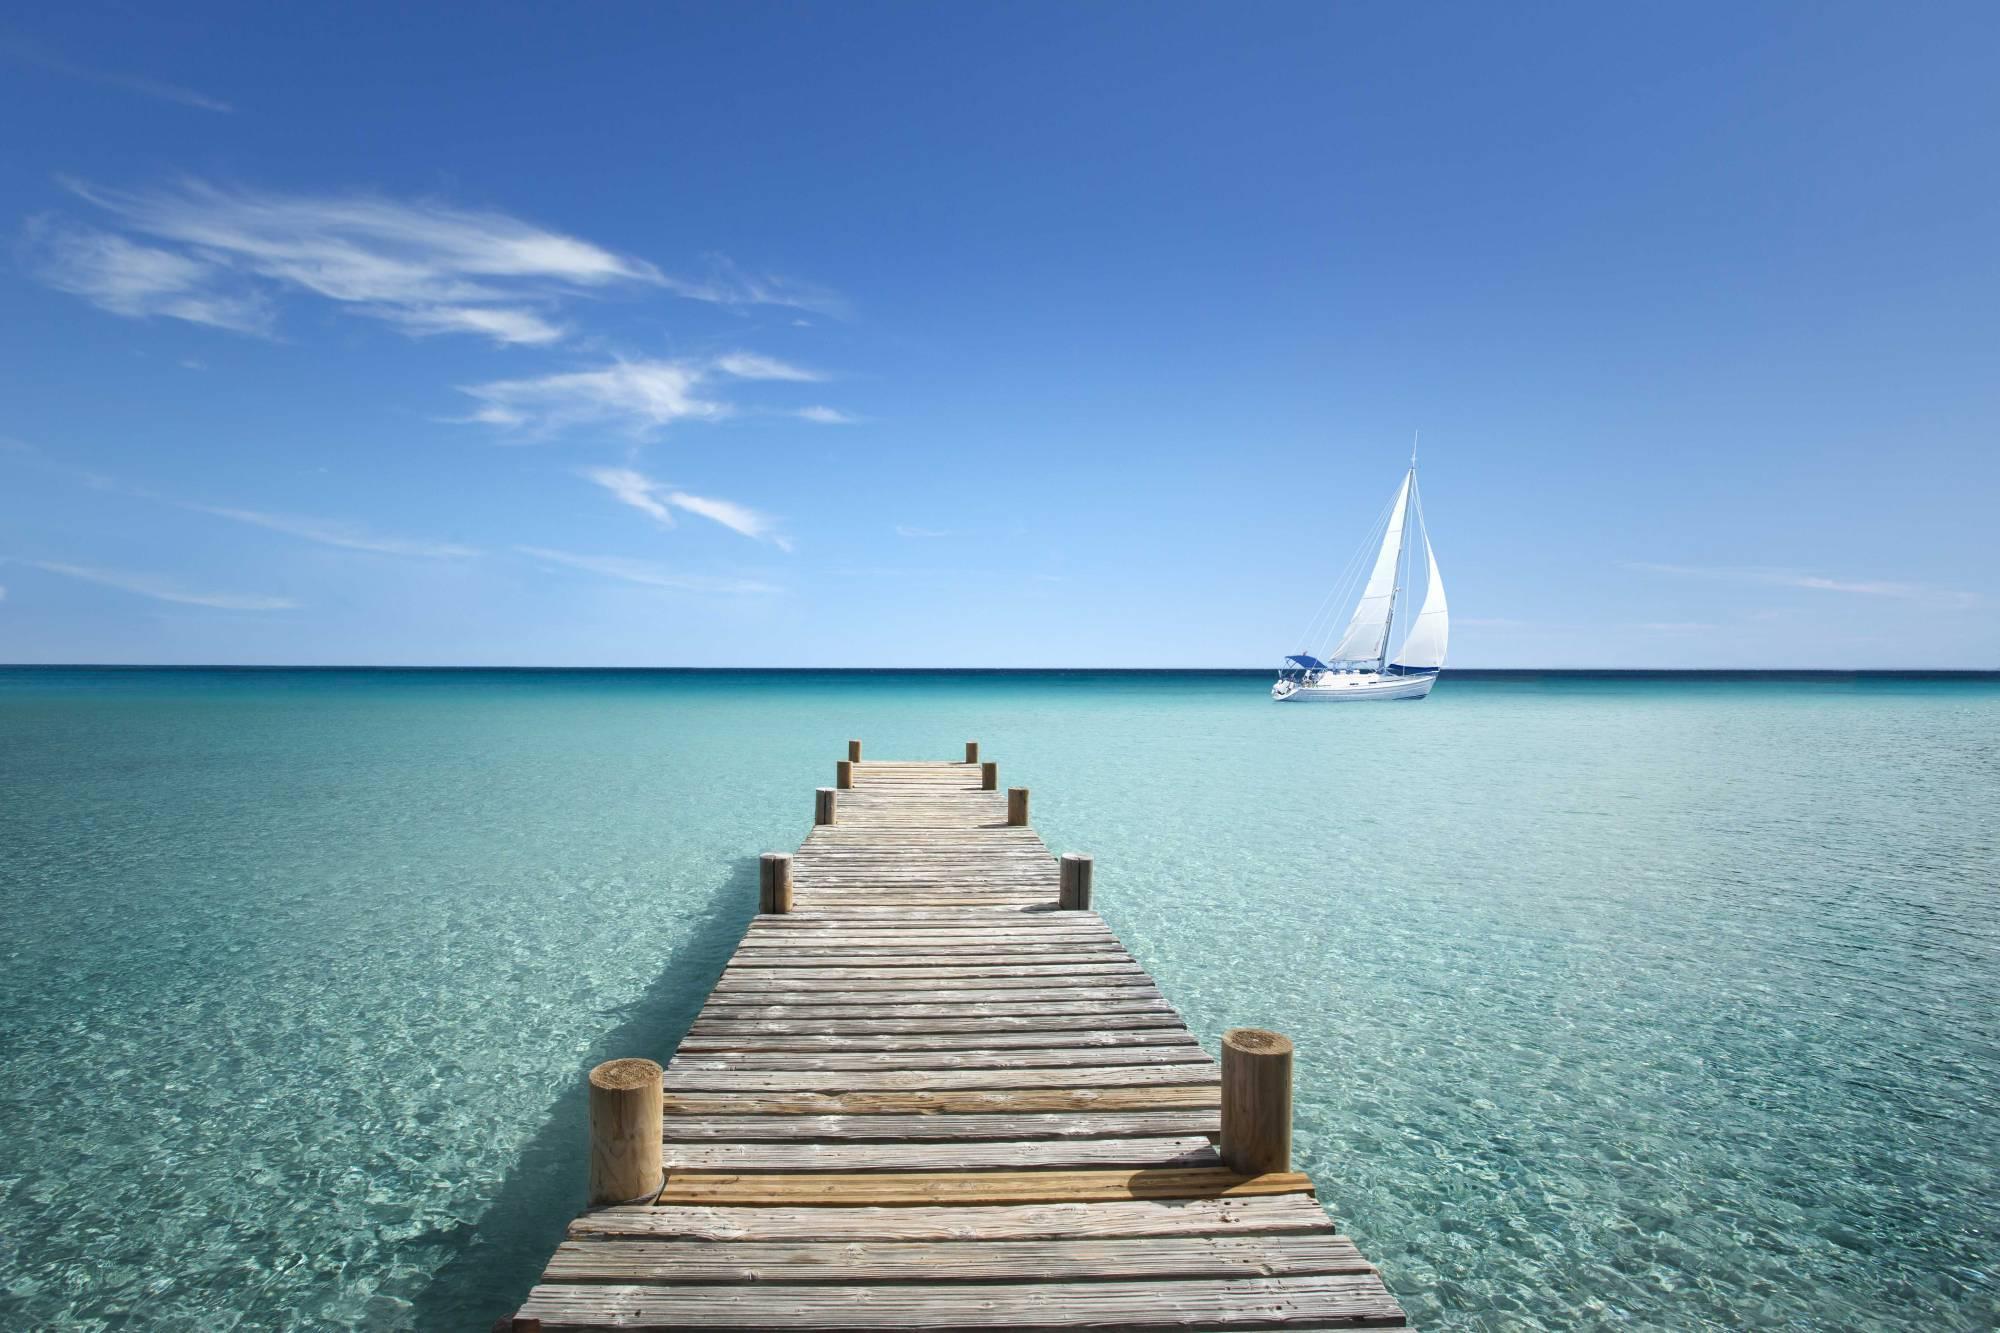 Partir en voyage : où partir en famille ?